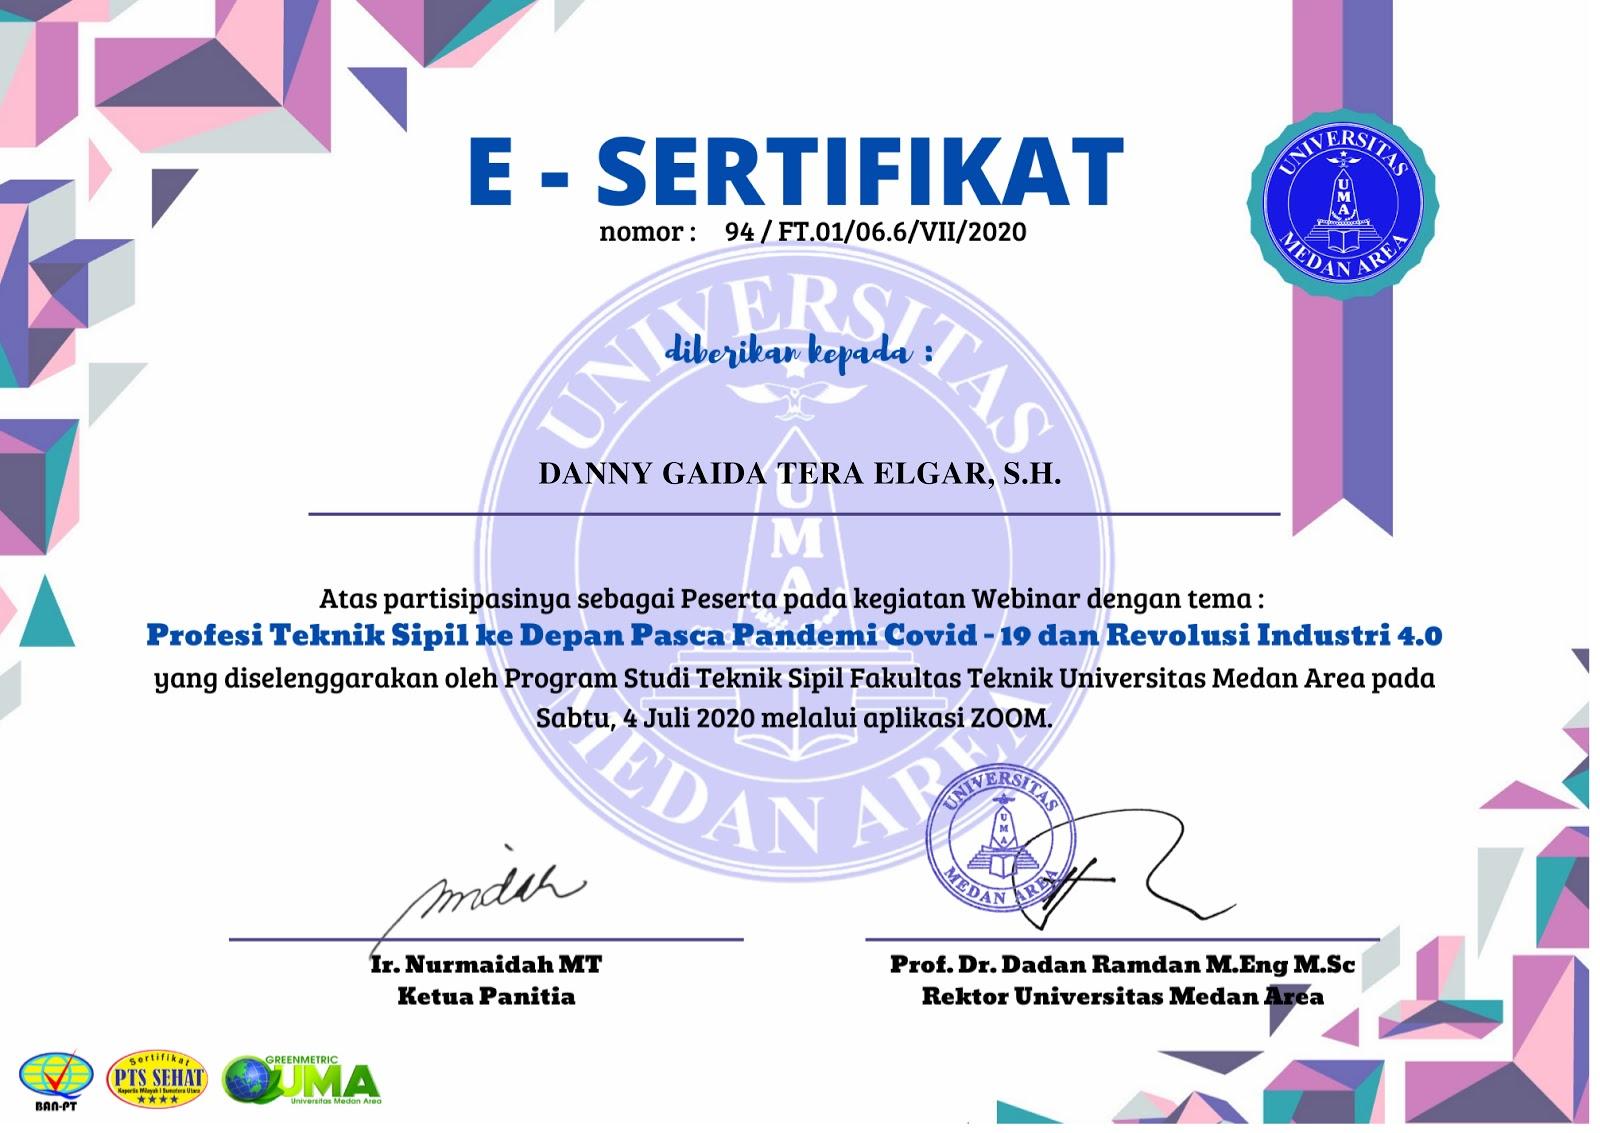 Sertifikat Profesi Teknik Sipil ke Depan Pasca Pandemi Covid-19 dan Revolusi Industri 4.0 | Universitas Medan Area (UMA) | Sabtu, 4 Juli 2020